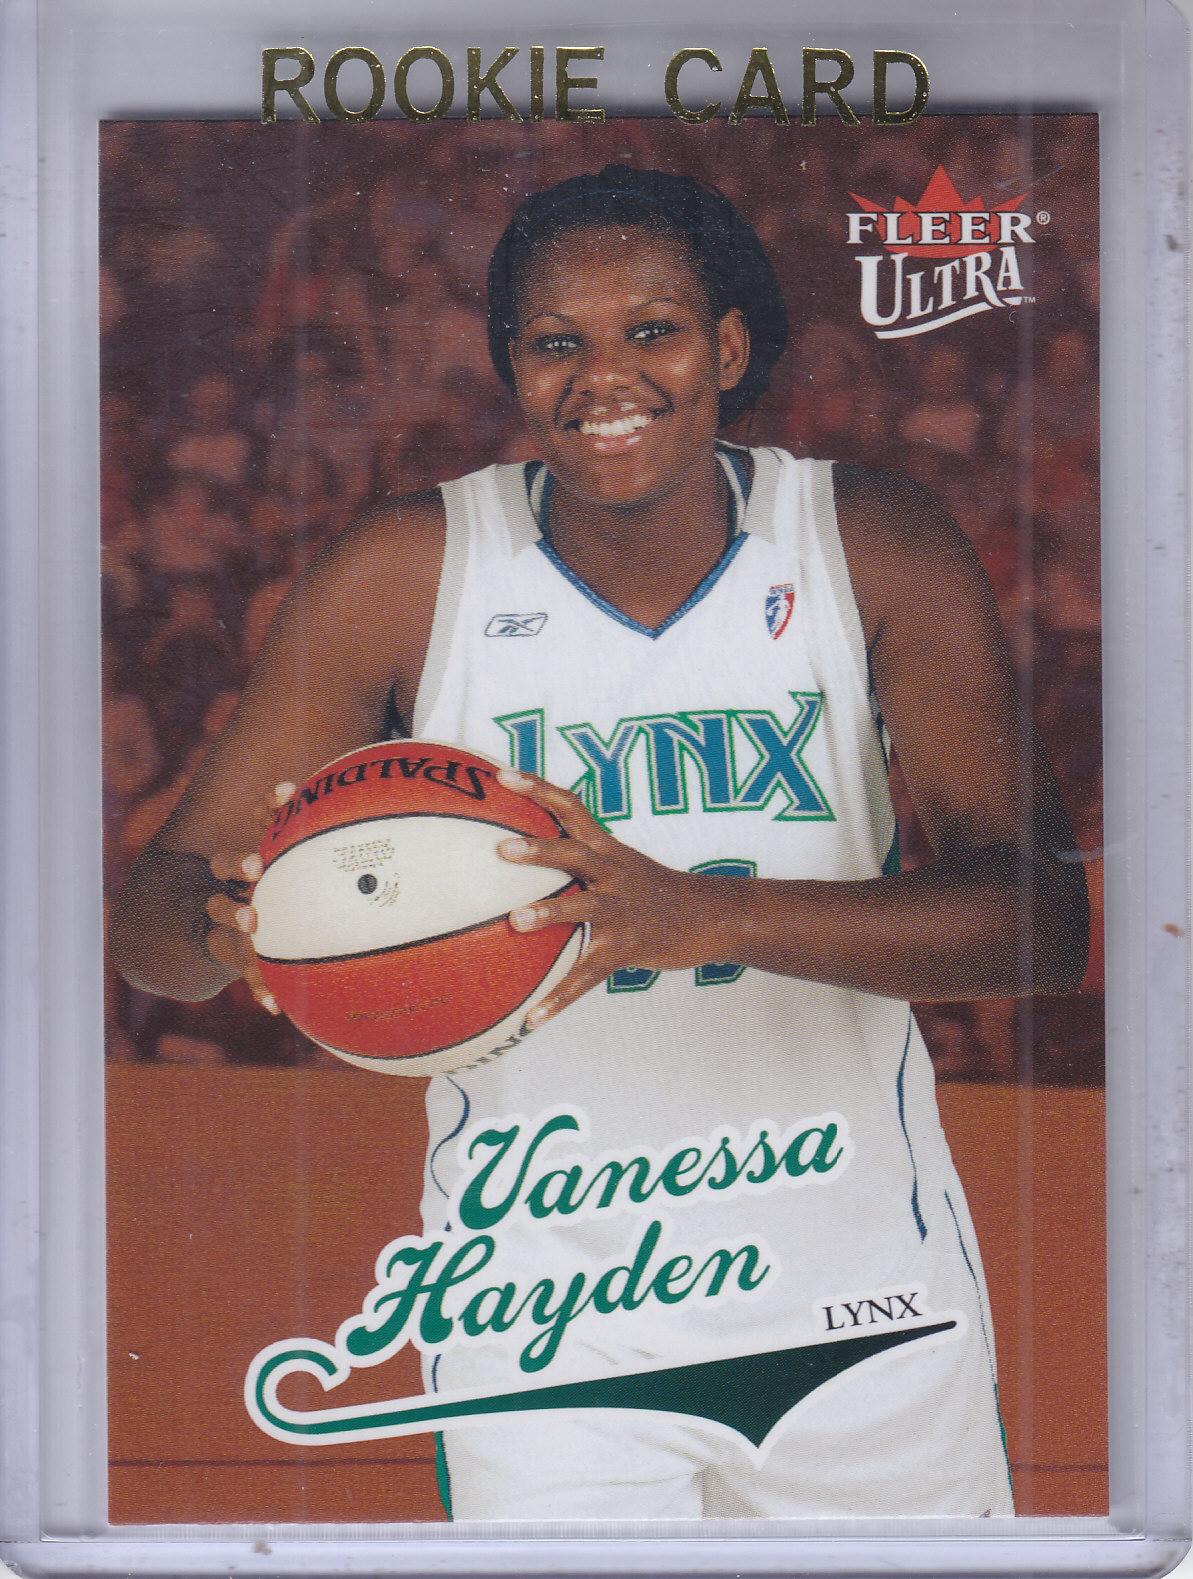 2004 Ultra WNBA #97 Vanessa Hayden RC